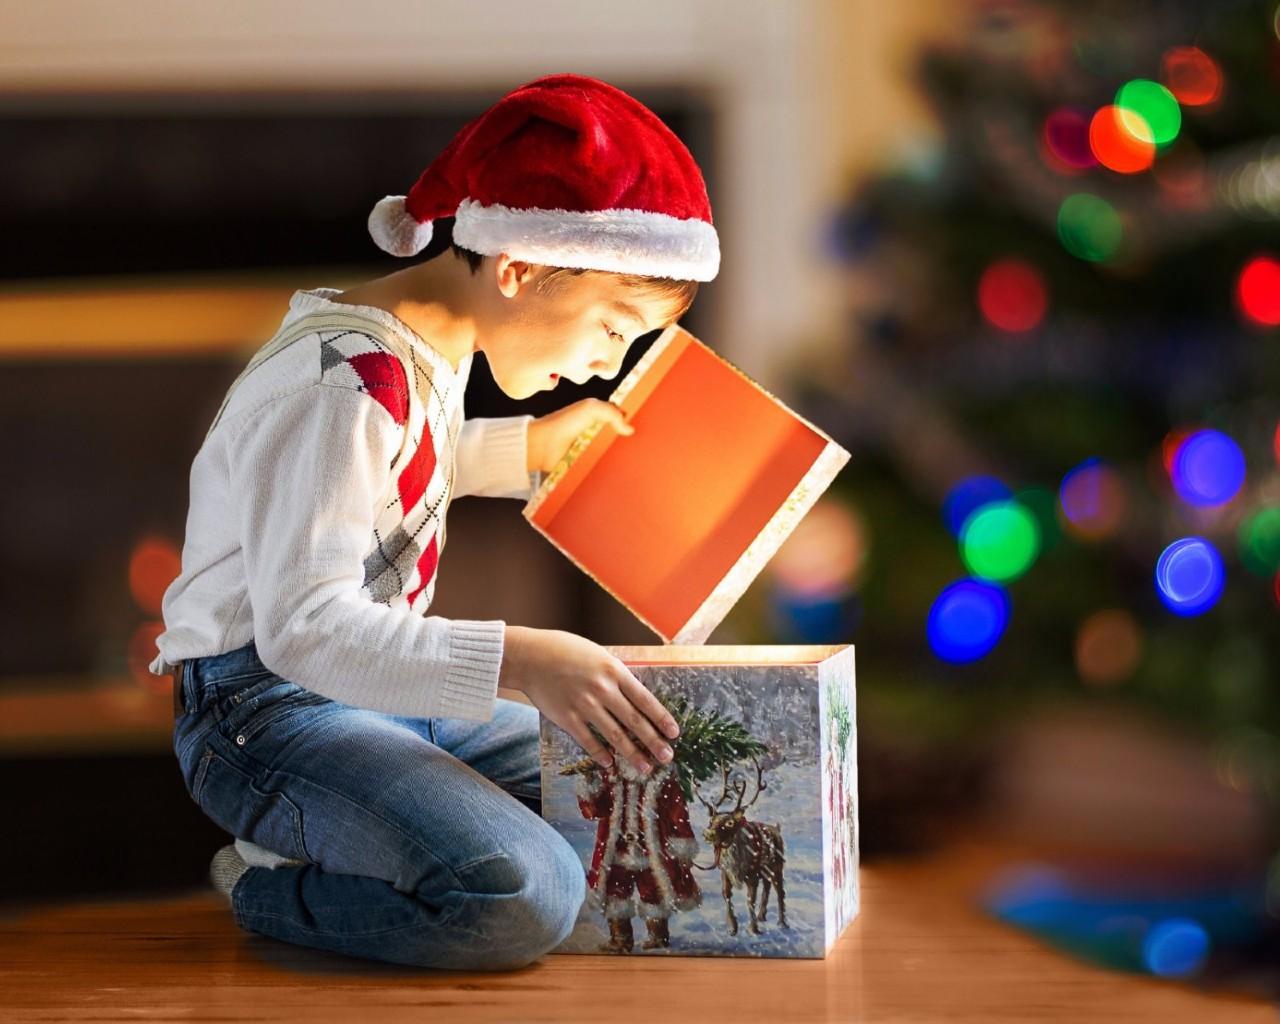 Что подарить ребенку на Новый год 2019?- Лучшие идеи подарков по возрастам для мальчиков и девочек